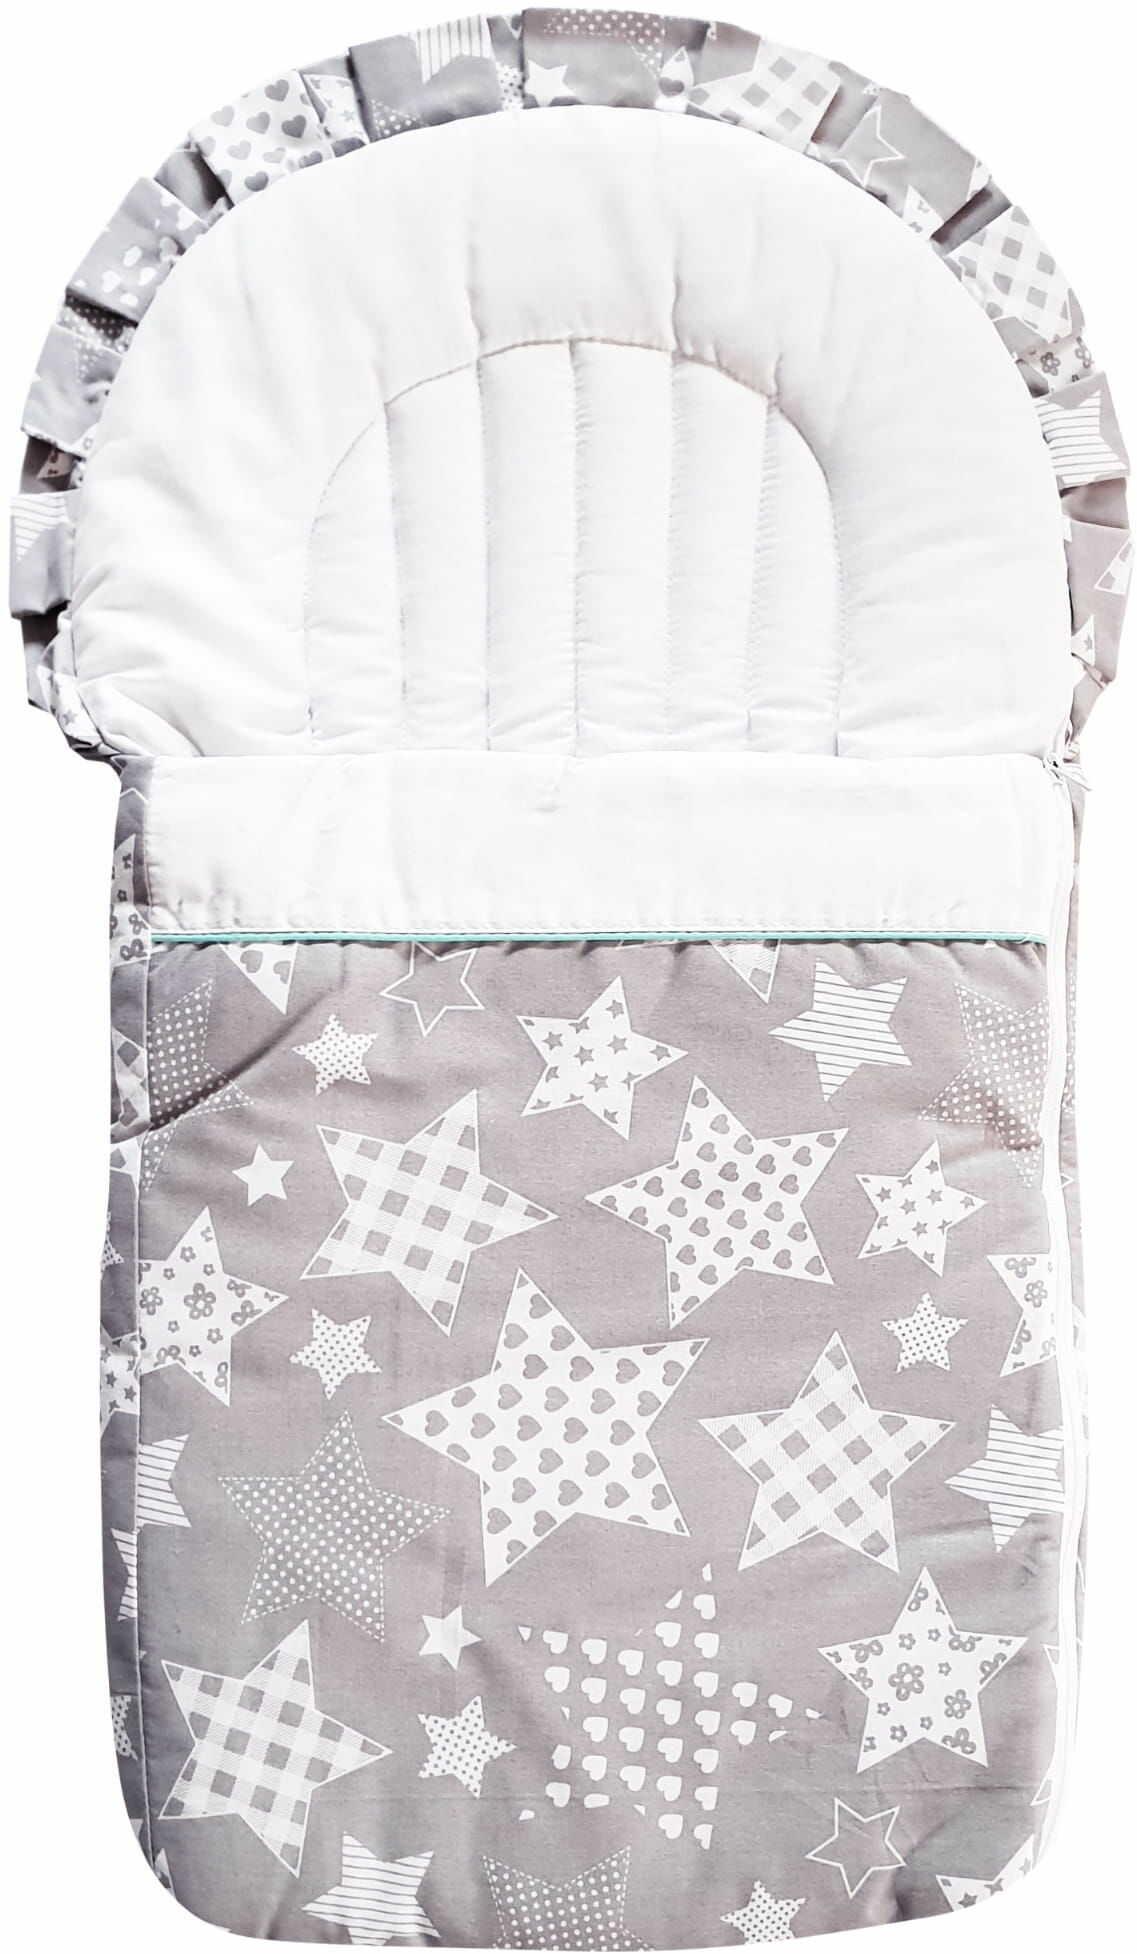 Rożek dla niemowlaka - becik dla dziecka Duże Gwiazdy  100% bawełna